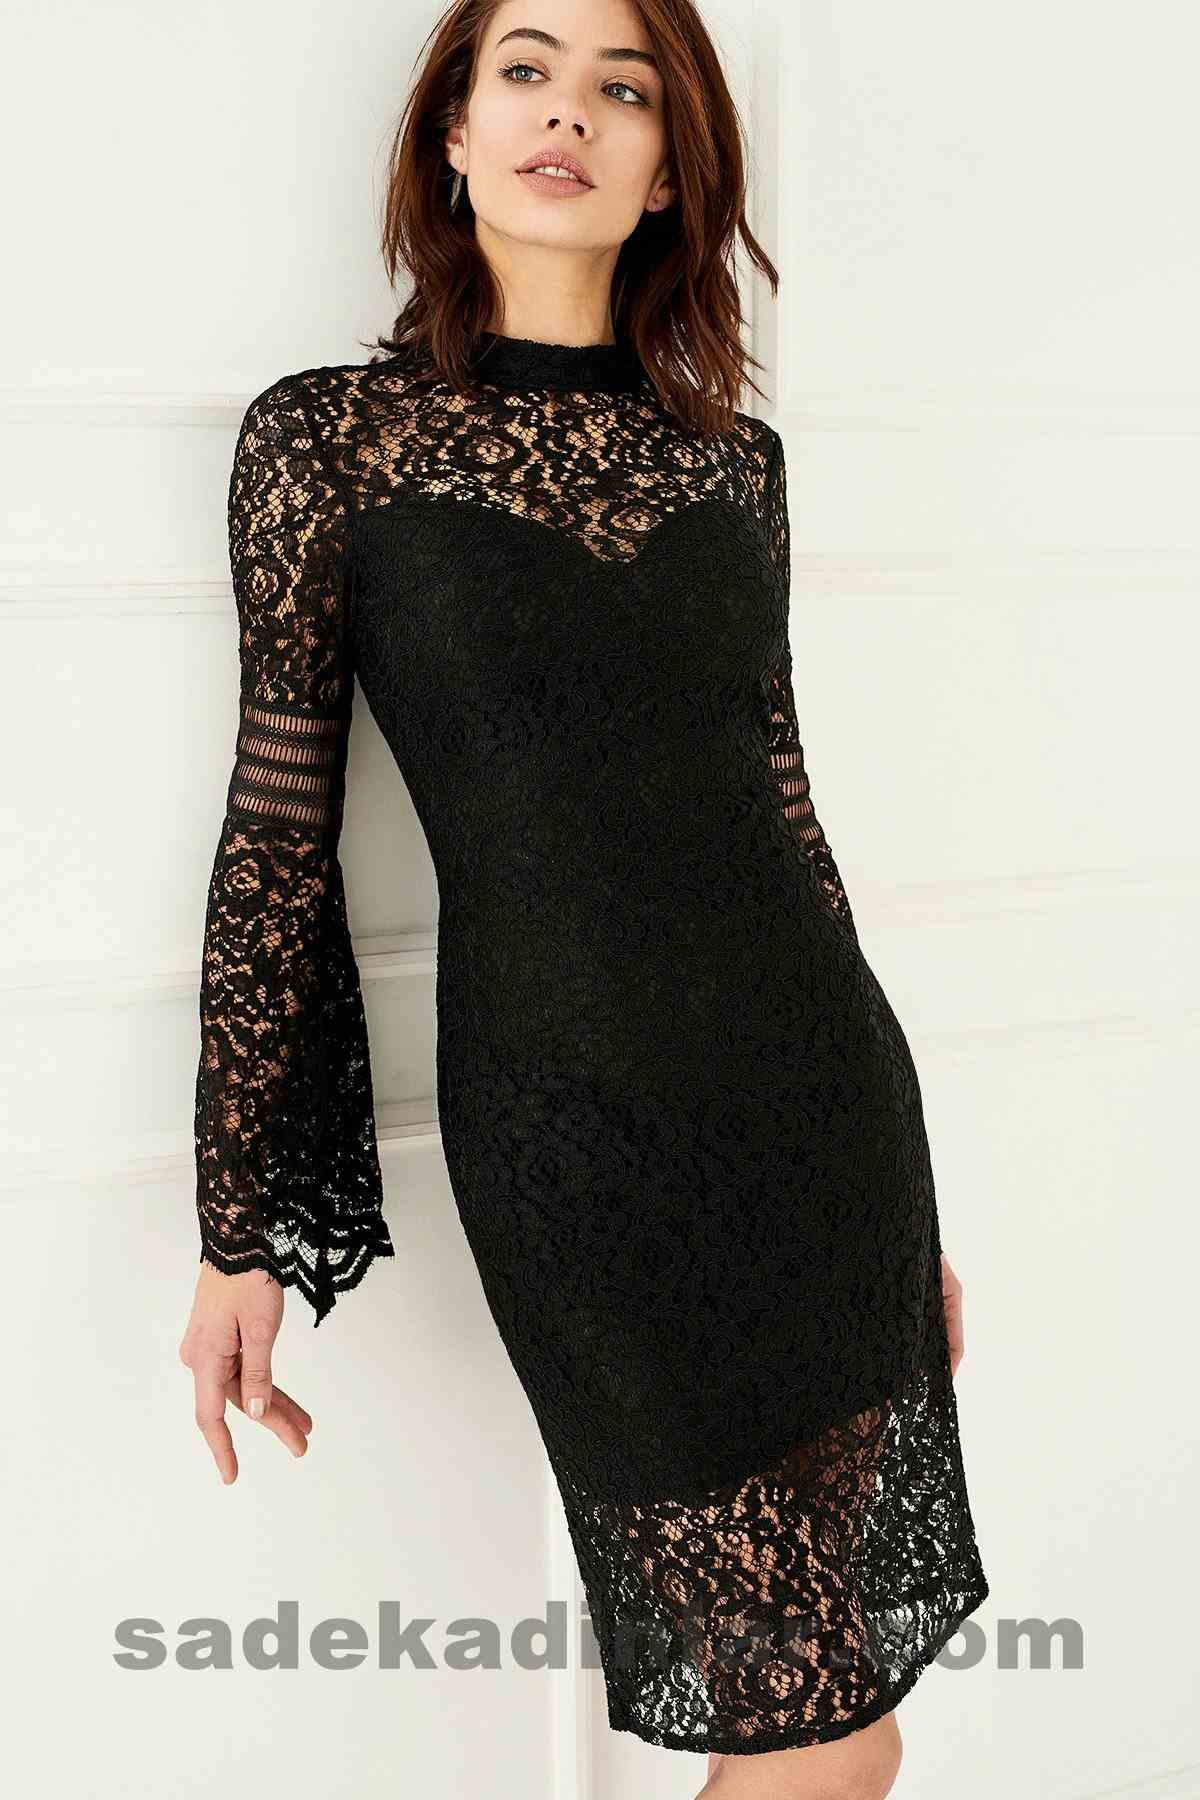 Abiye Elbise Modelleri Şık ve Güzel 2019 Gece Elbiseleri Kolları Dantel Detaylı Siyah